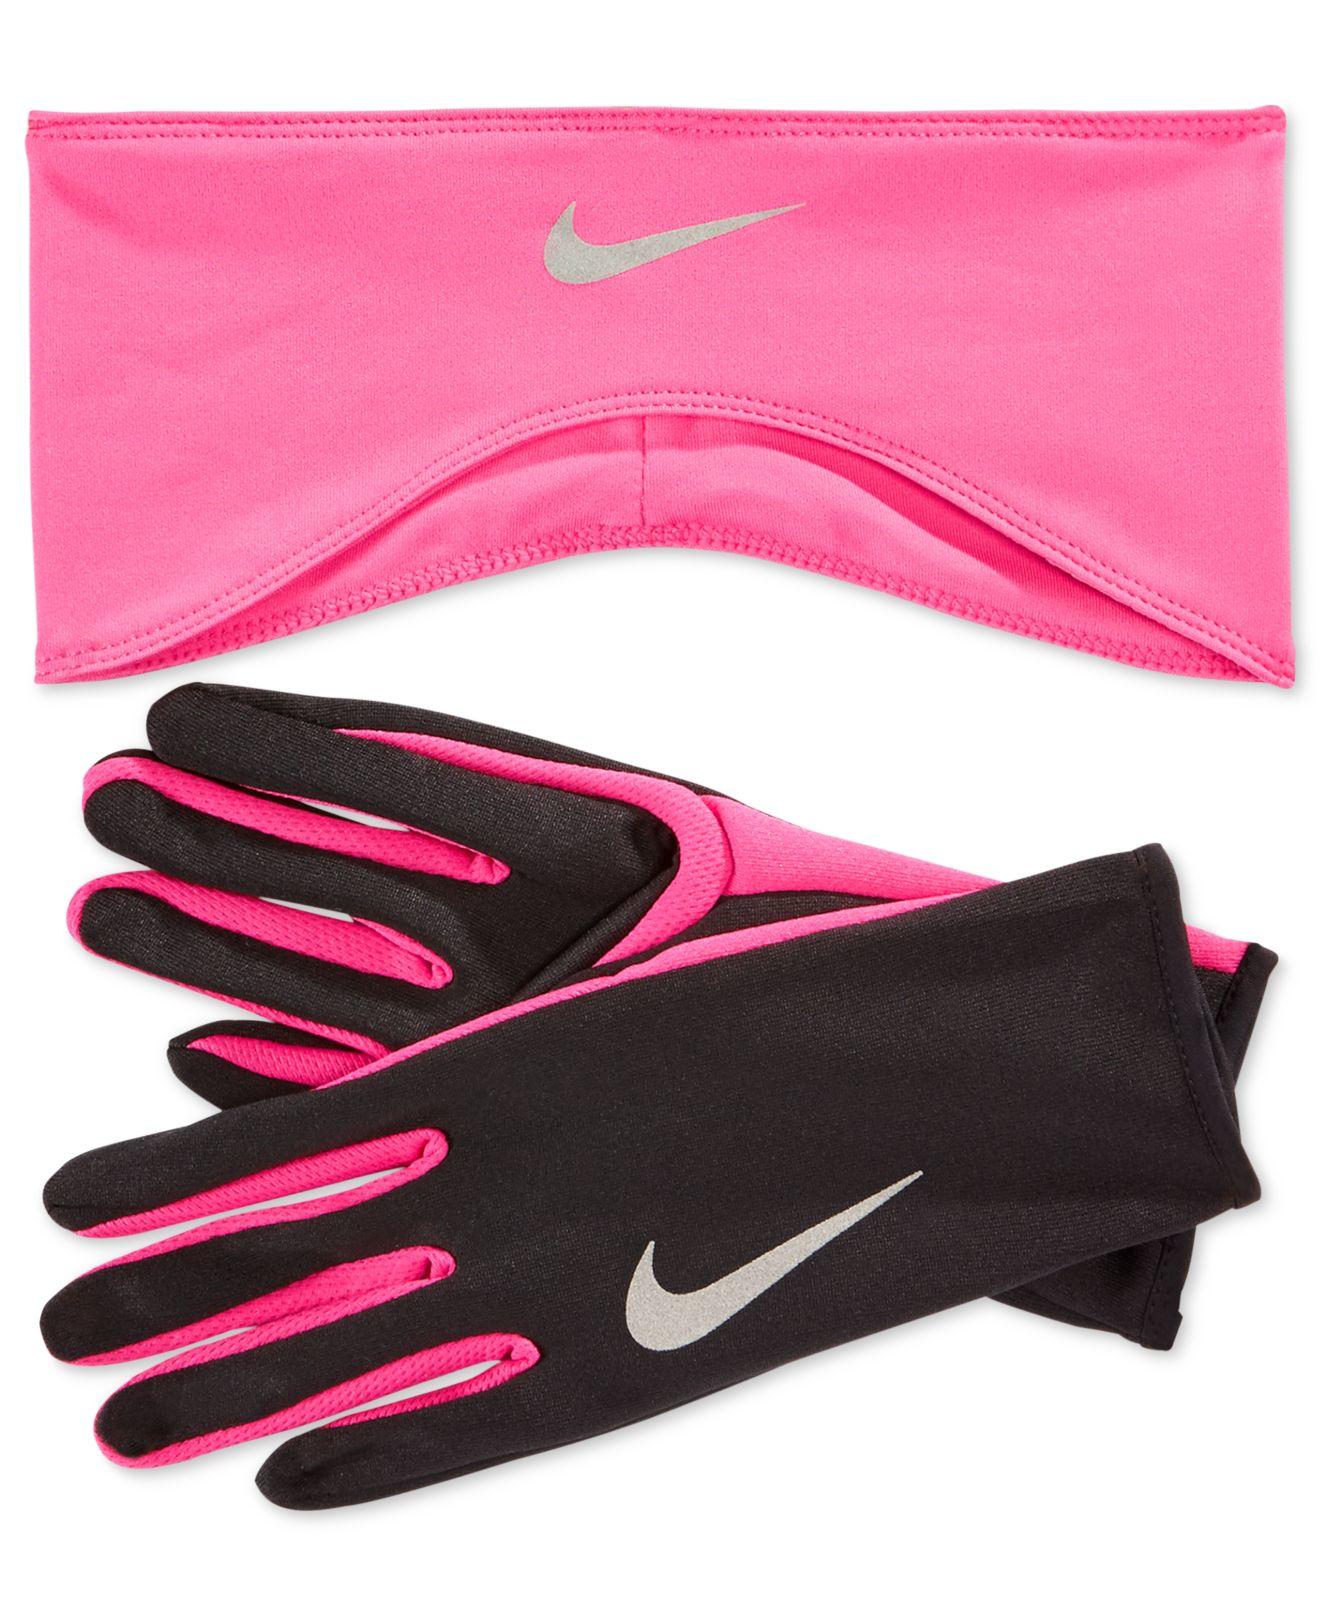 ordre de vente Nike Shorts Femmes Dri-fit Bande De Tête De Course commercialisable à vendre 2EVpFa3Y